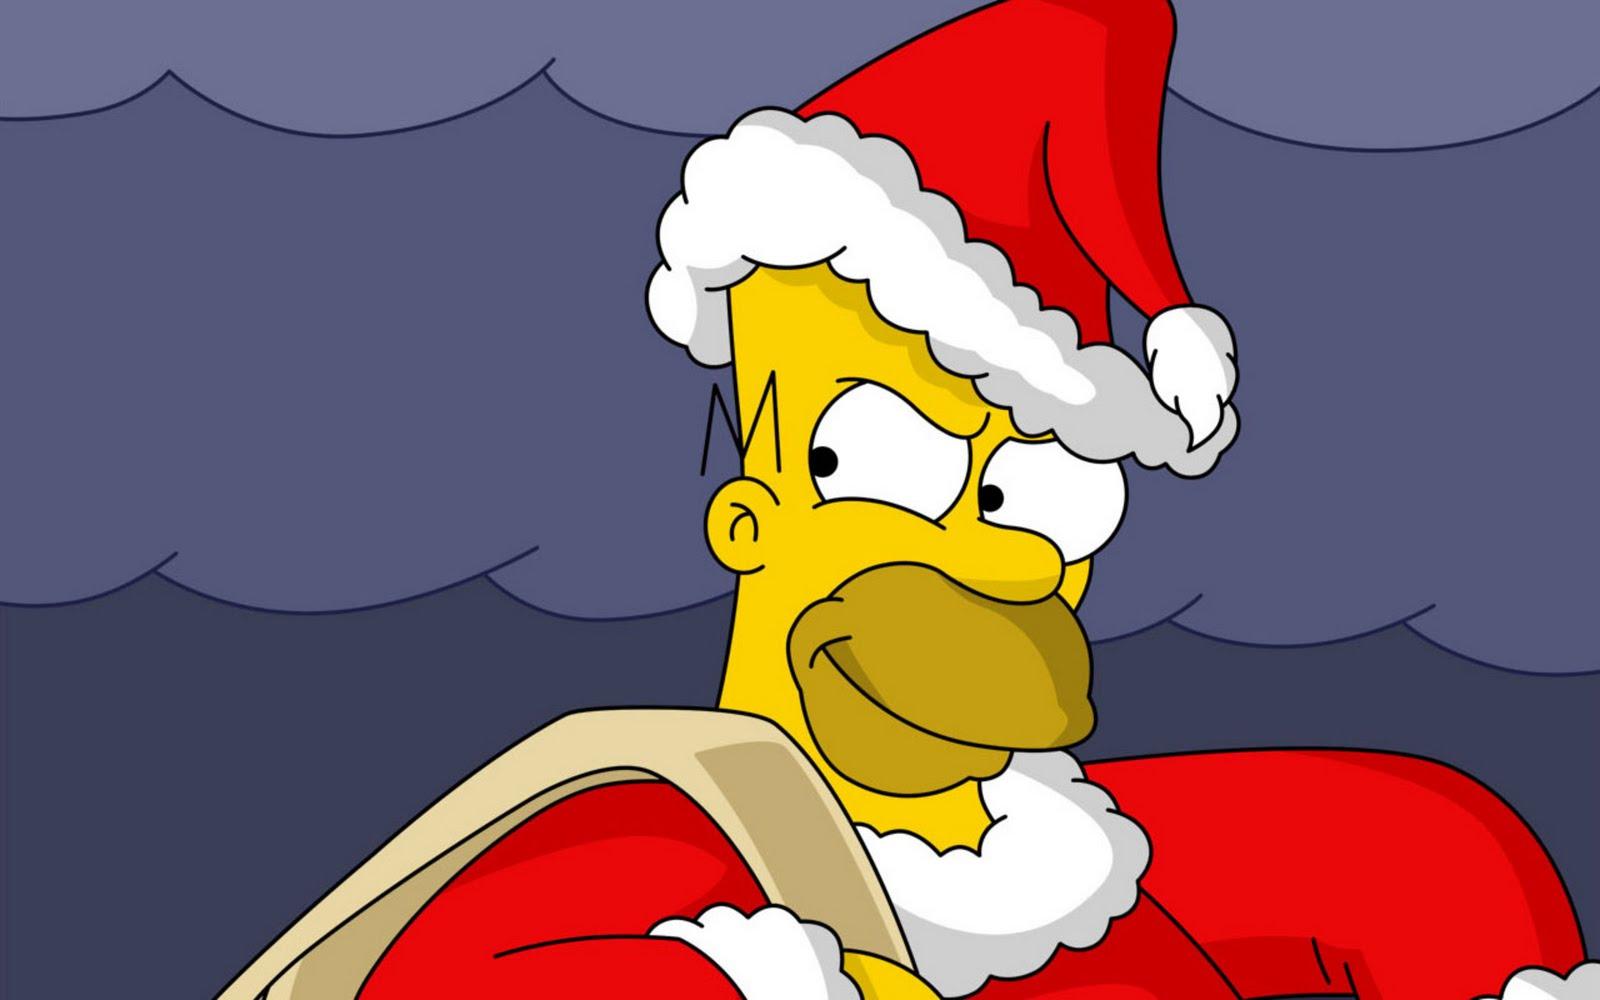 ... - Homer Simson - dibujos animados - Santa Claus - gorros - wallpaper